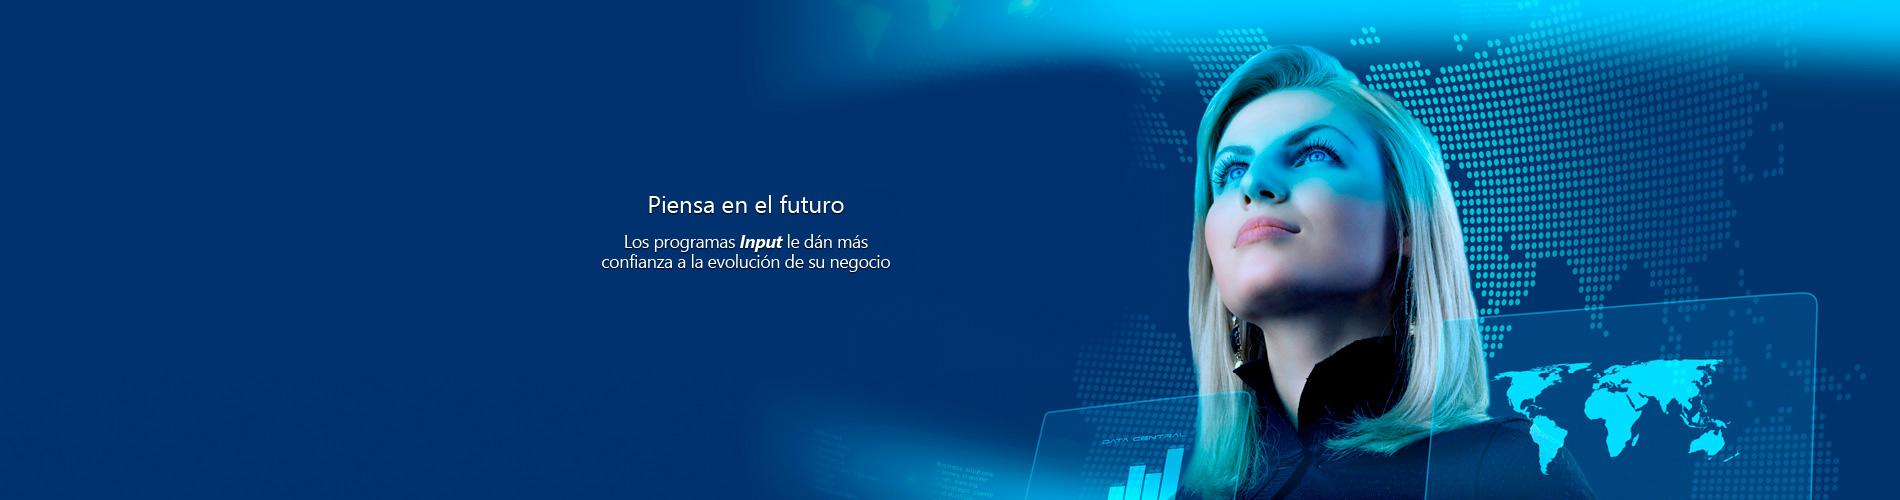 Piense en el futuro (paralaxe)